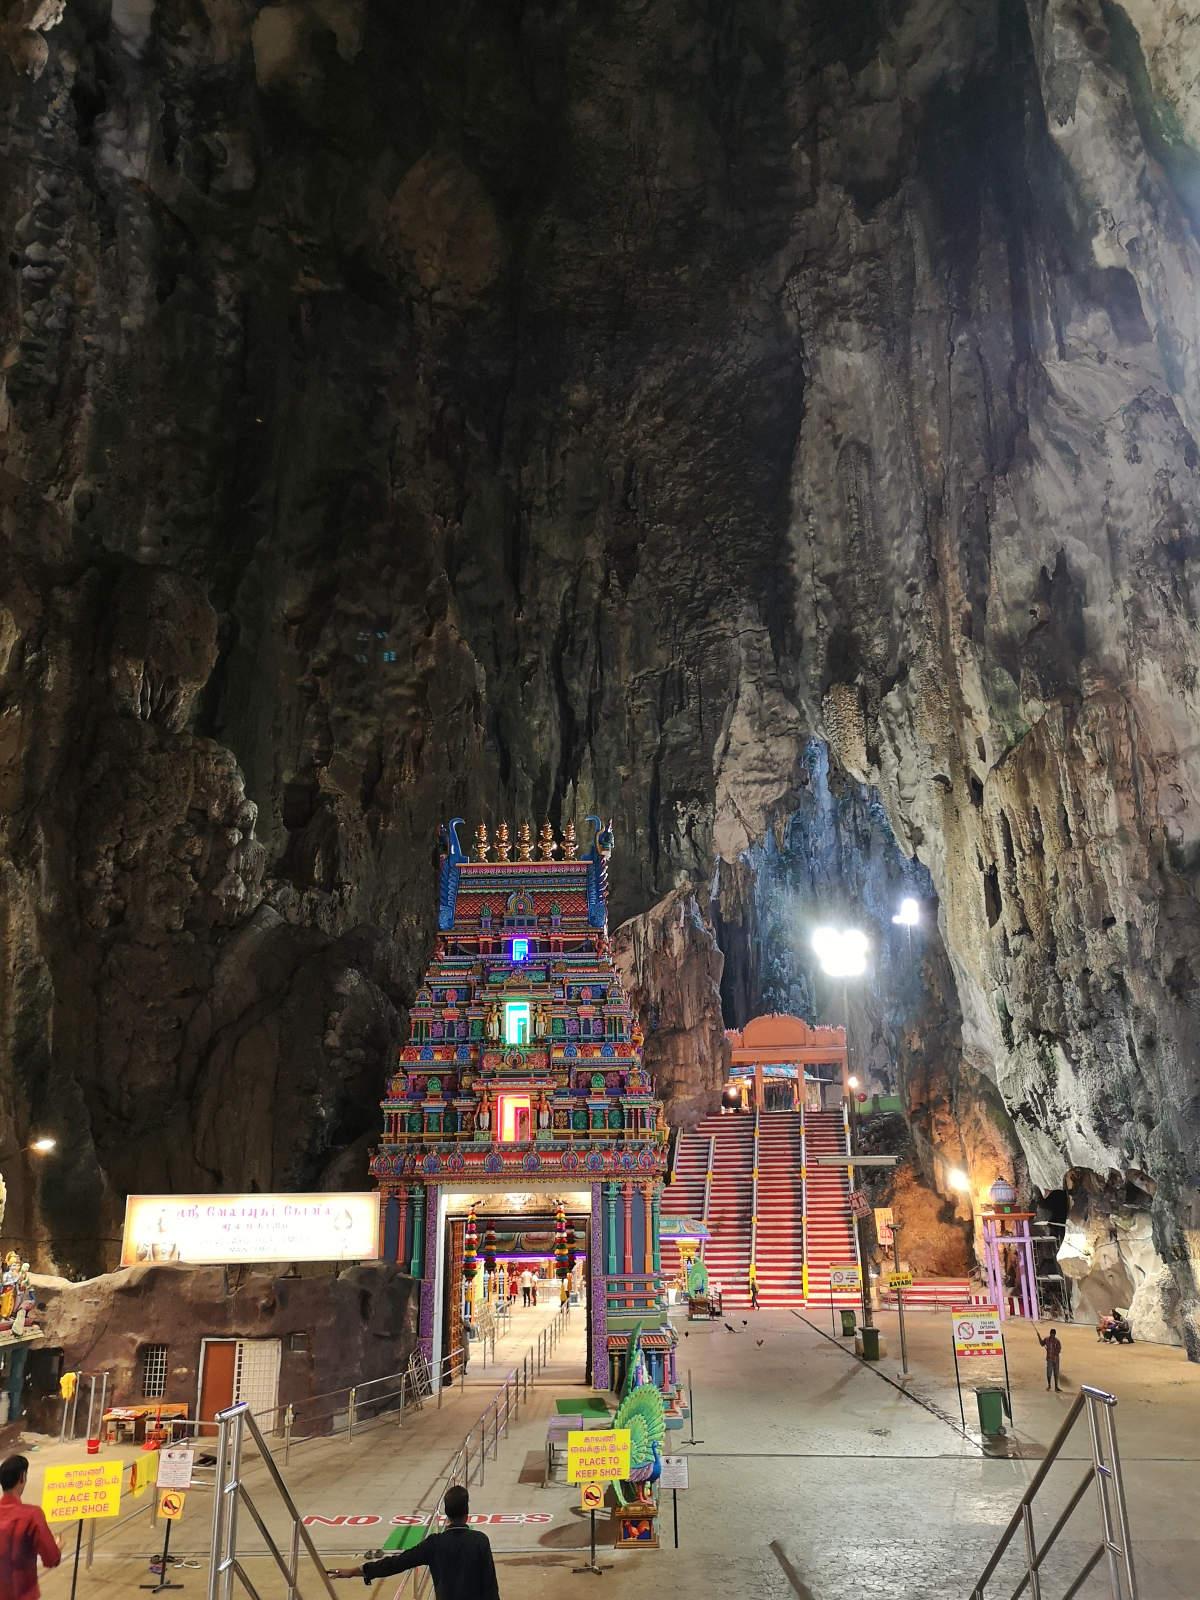 Die Haupthöhle, genannt Tempelhöhle oder KAthedralenhöhle der Batu Caves, beeindruckt mit ihren Dimensionen, aber auch mit den wunderschönen Kalksteinformationen. Wanderhunger